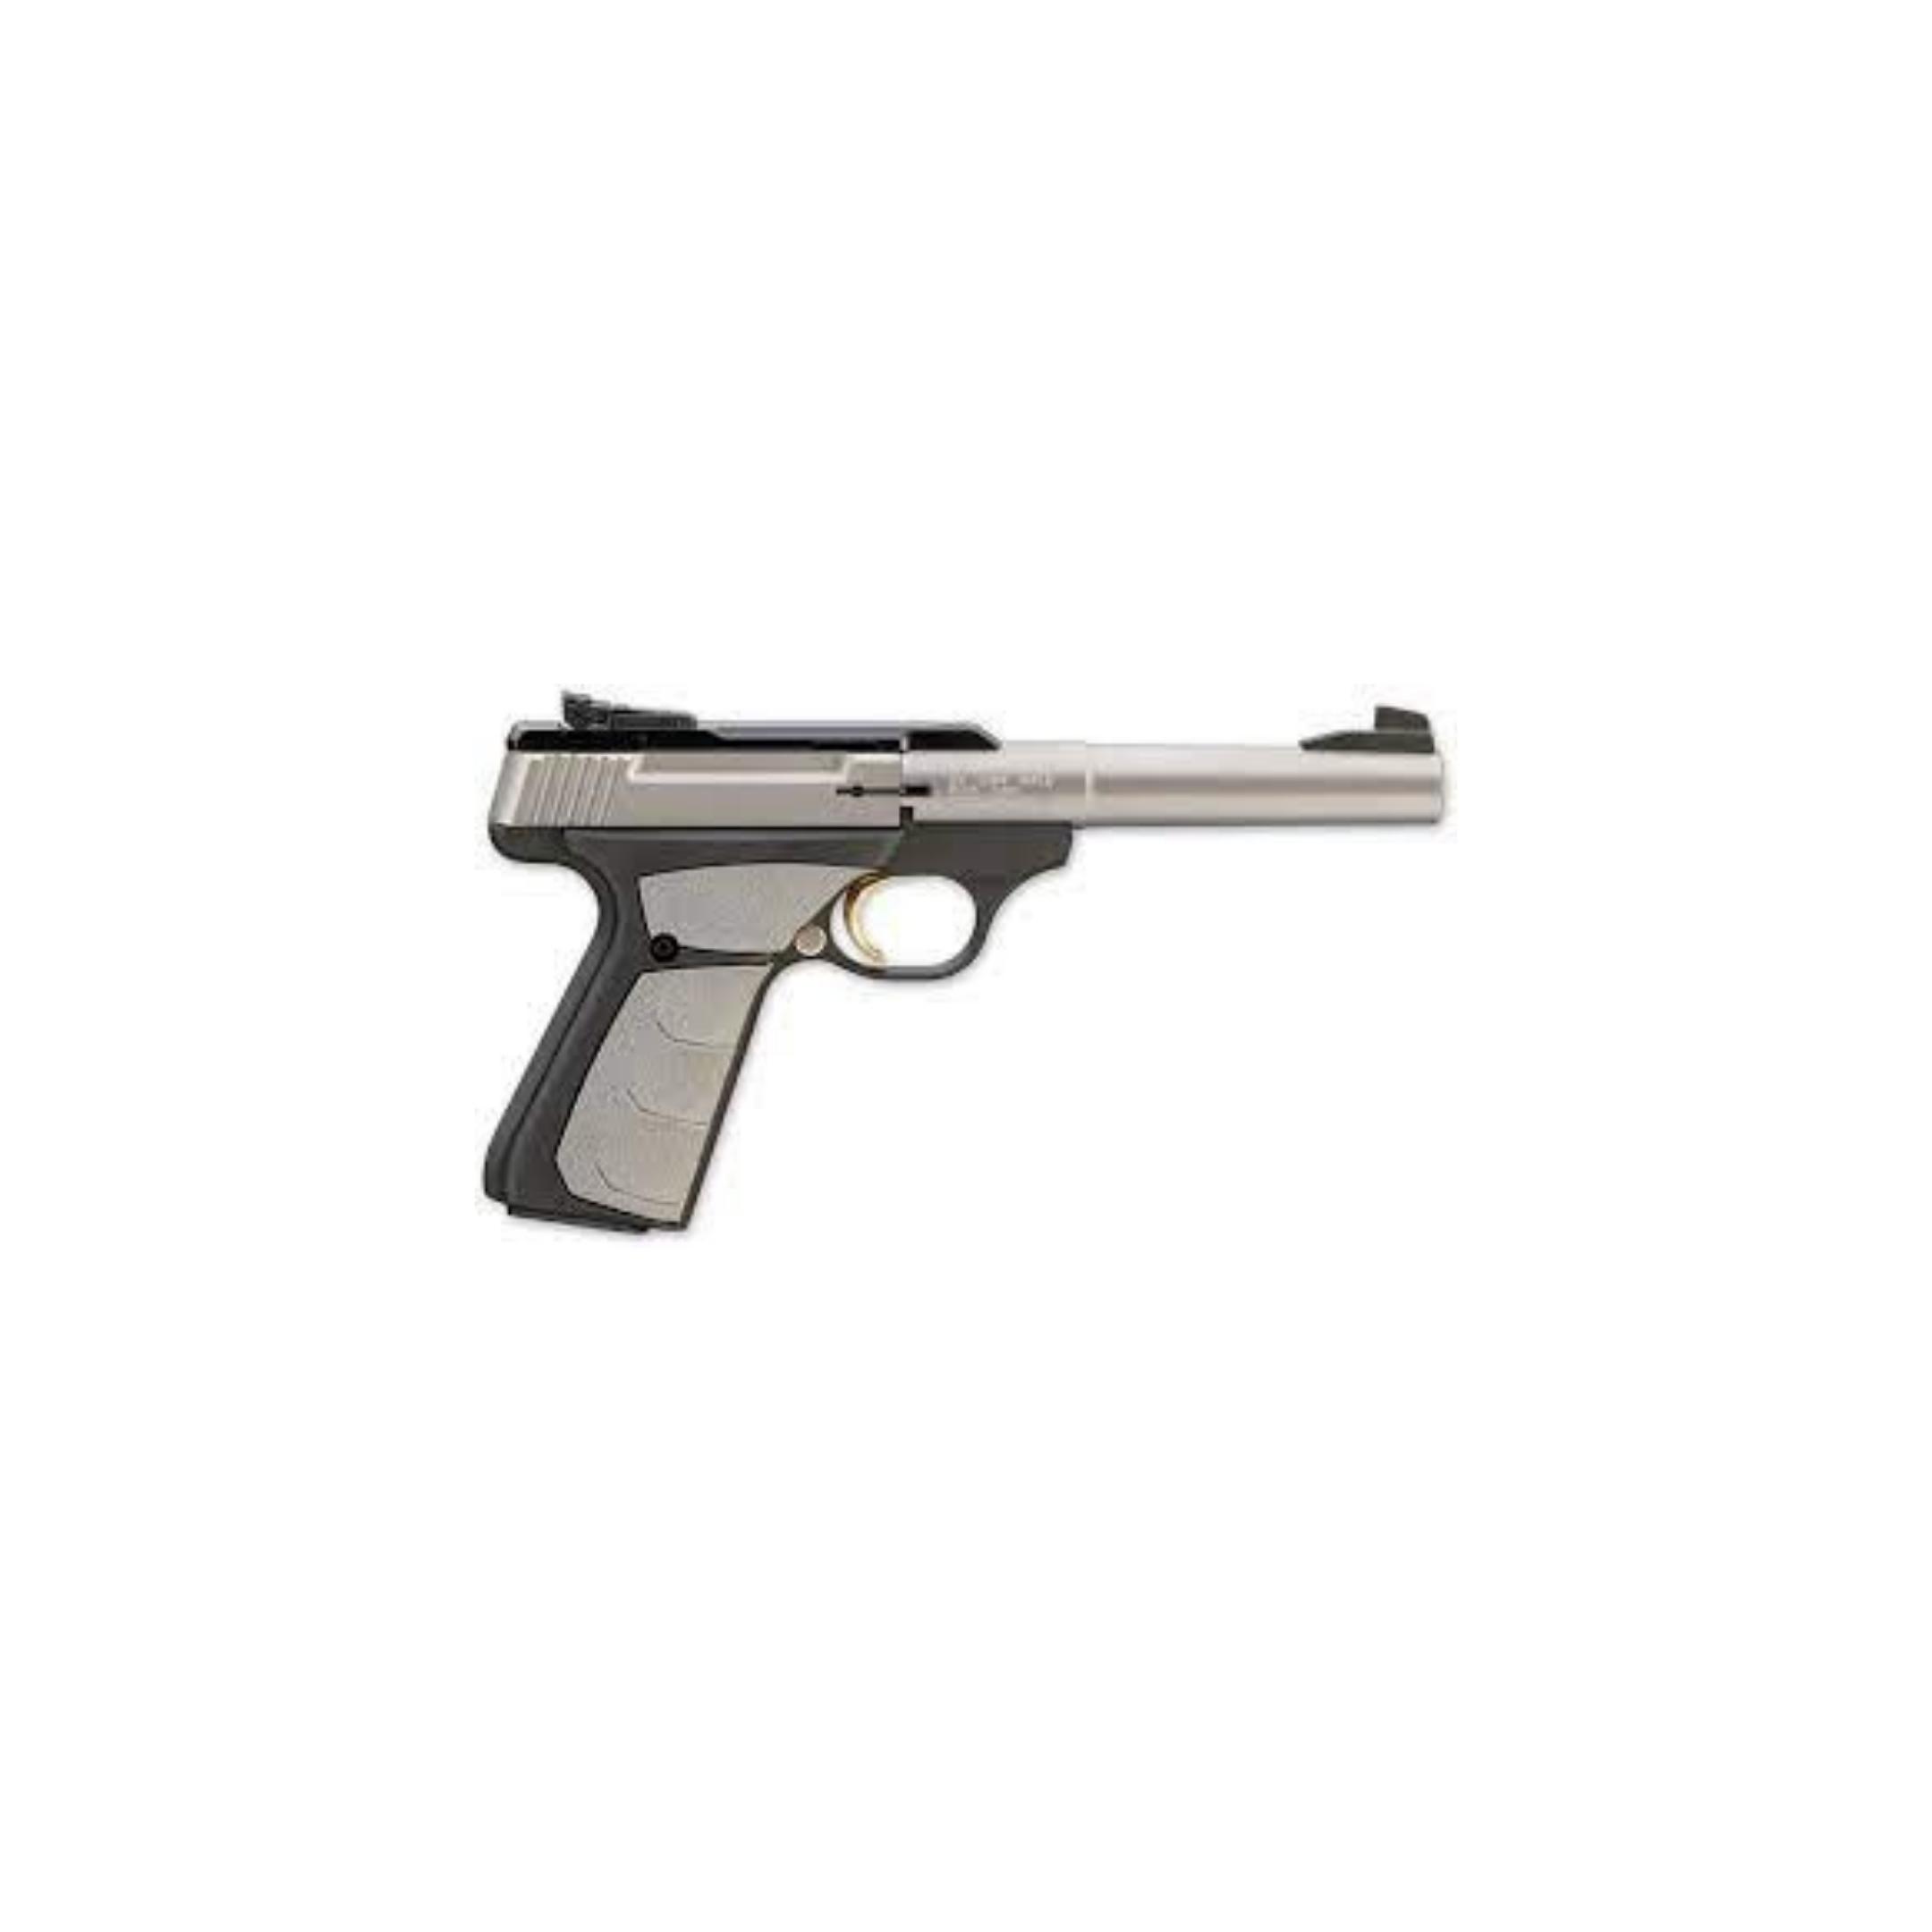 Pistolet Browning Buck Mark Camper S/S UFX kal. 22LR